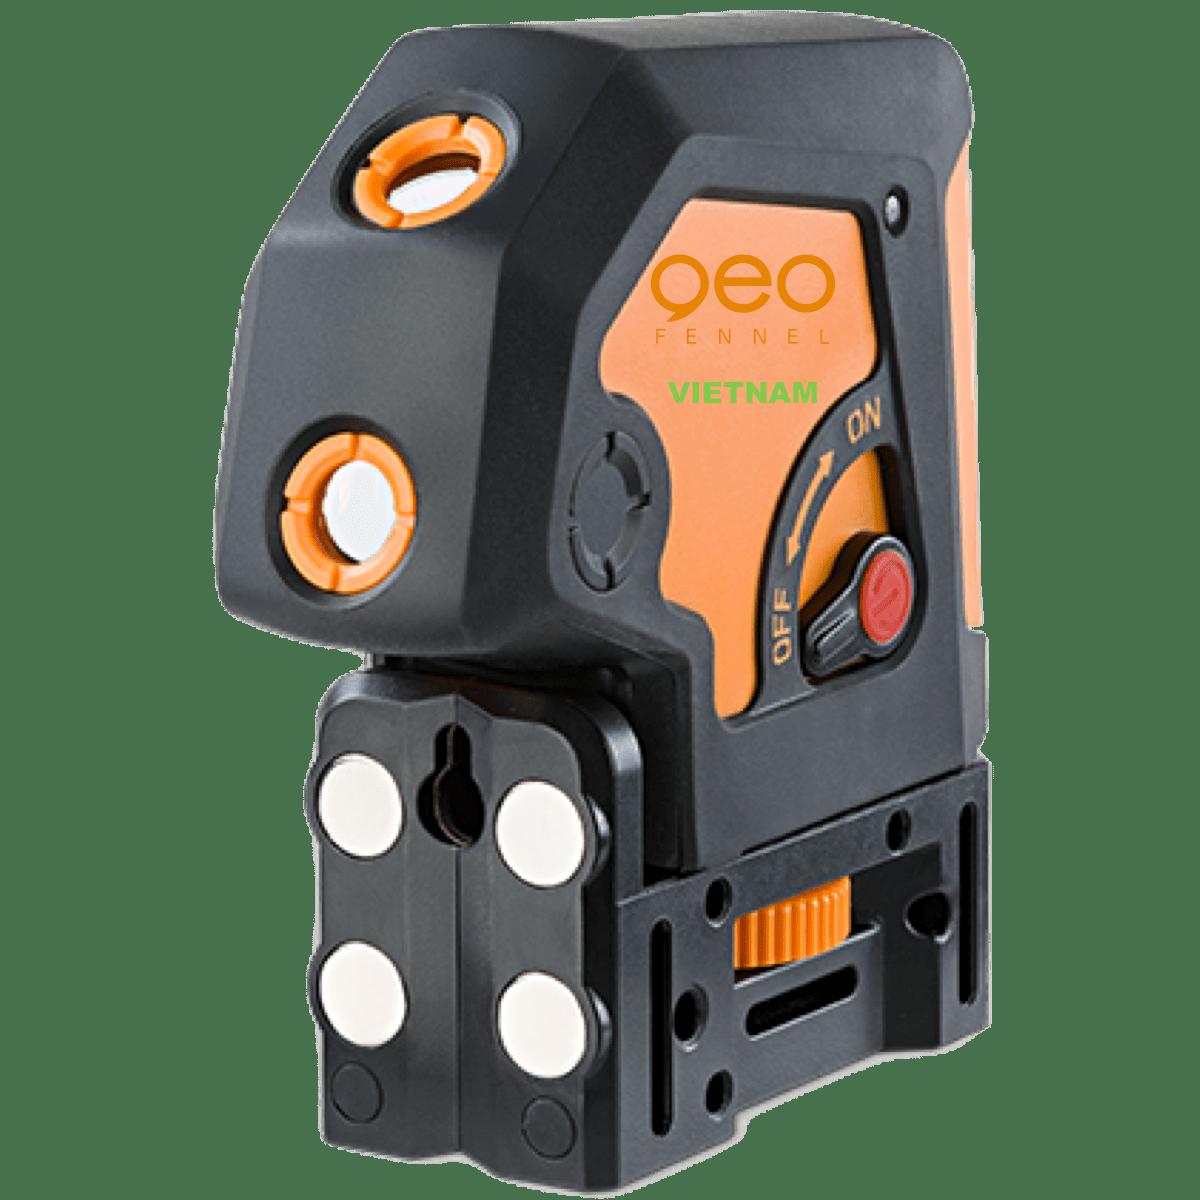 Lập lòn laser GEO3P | GEO-Fennel Vietnam